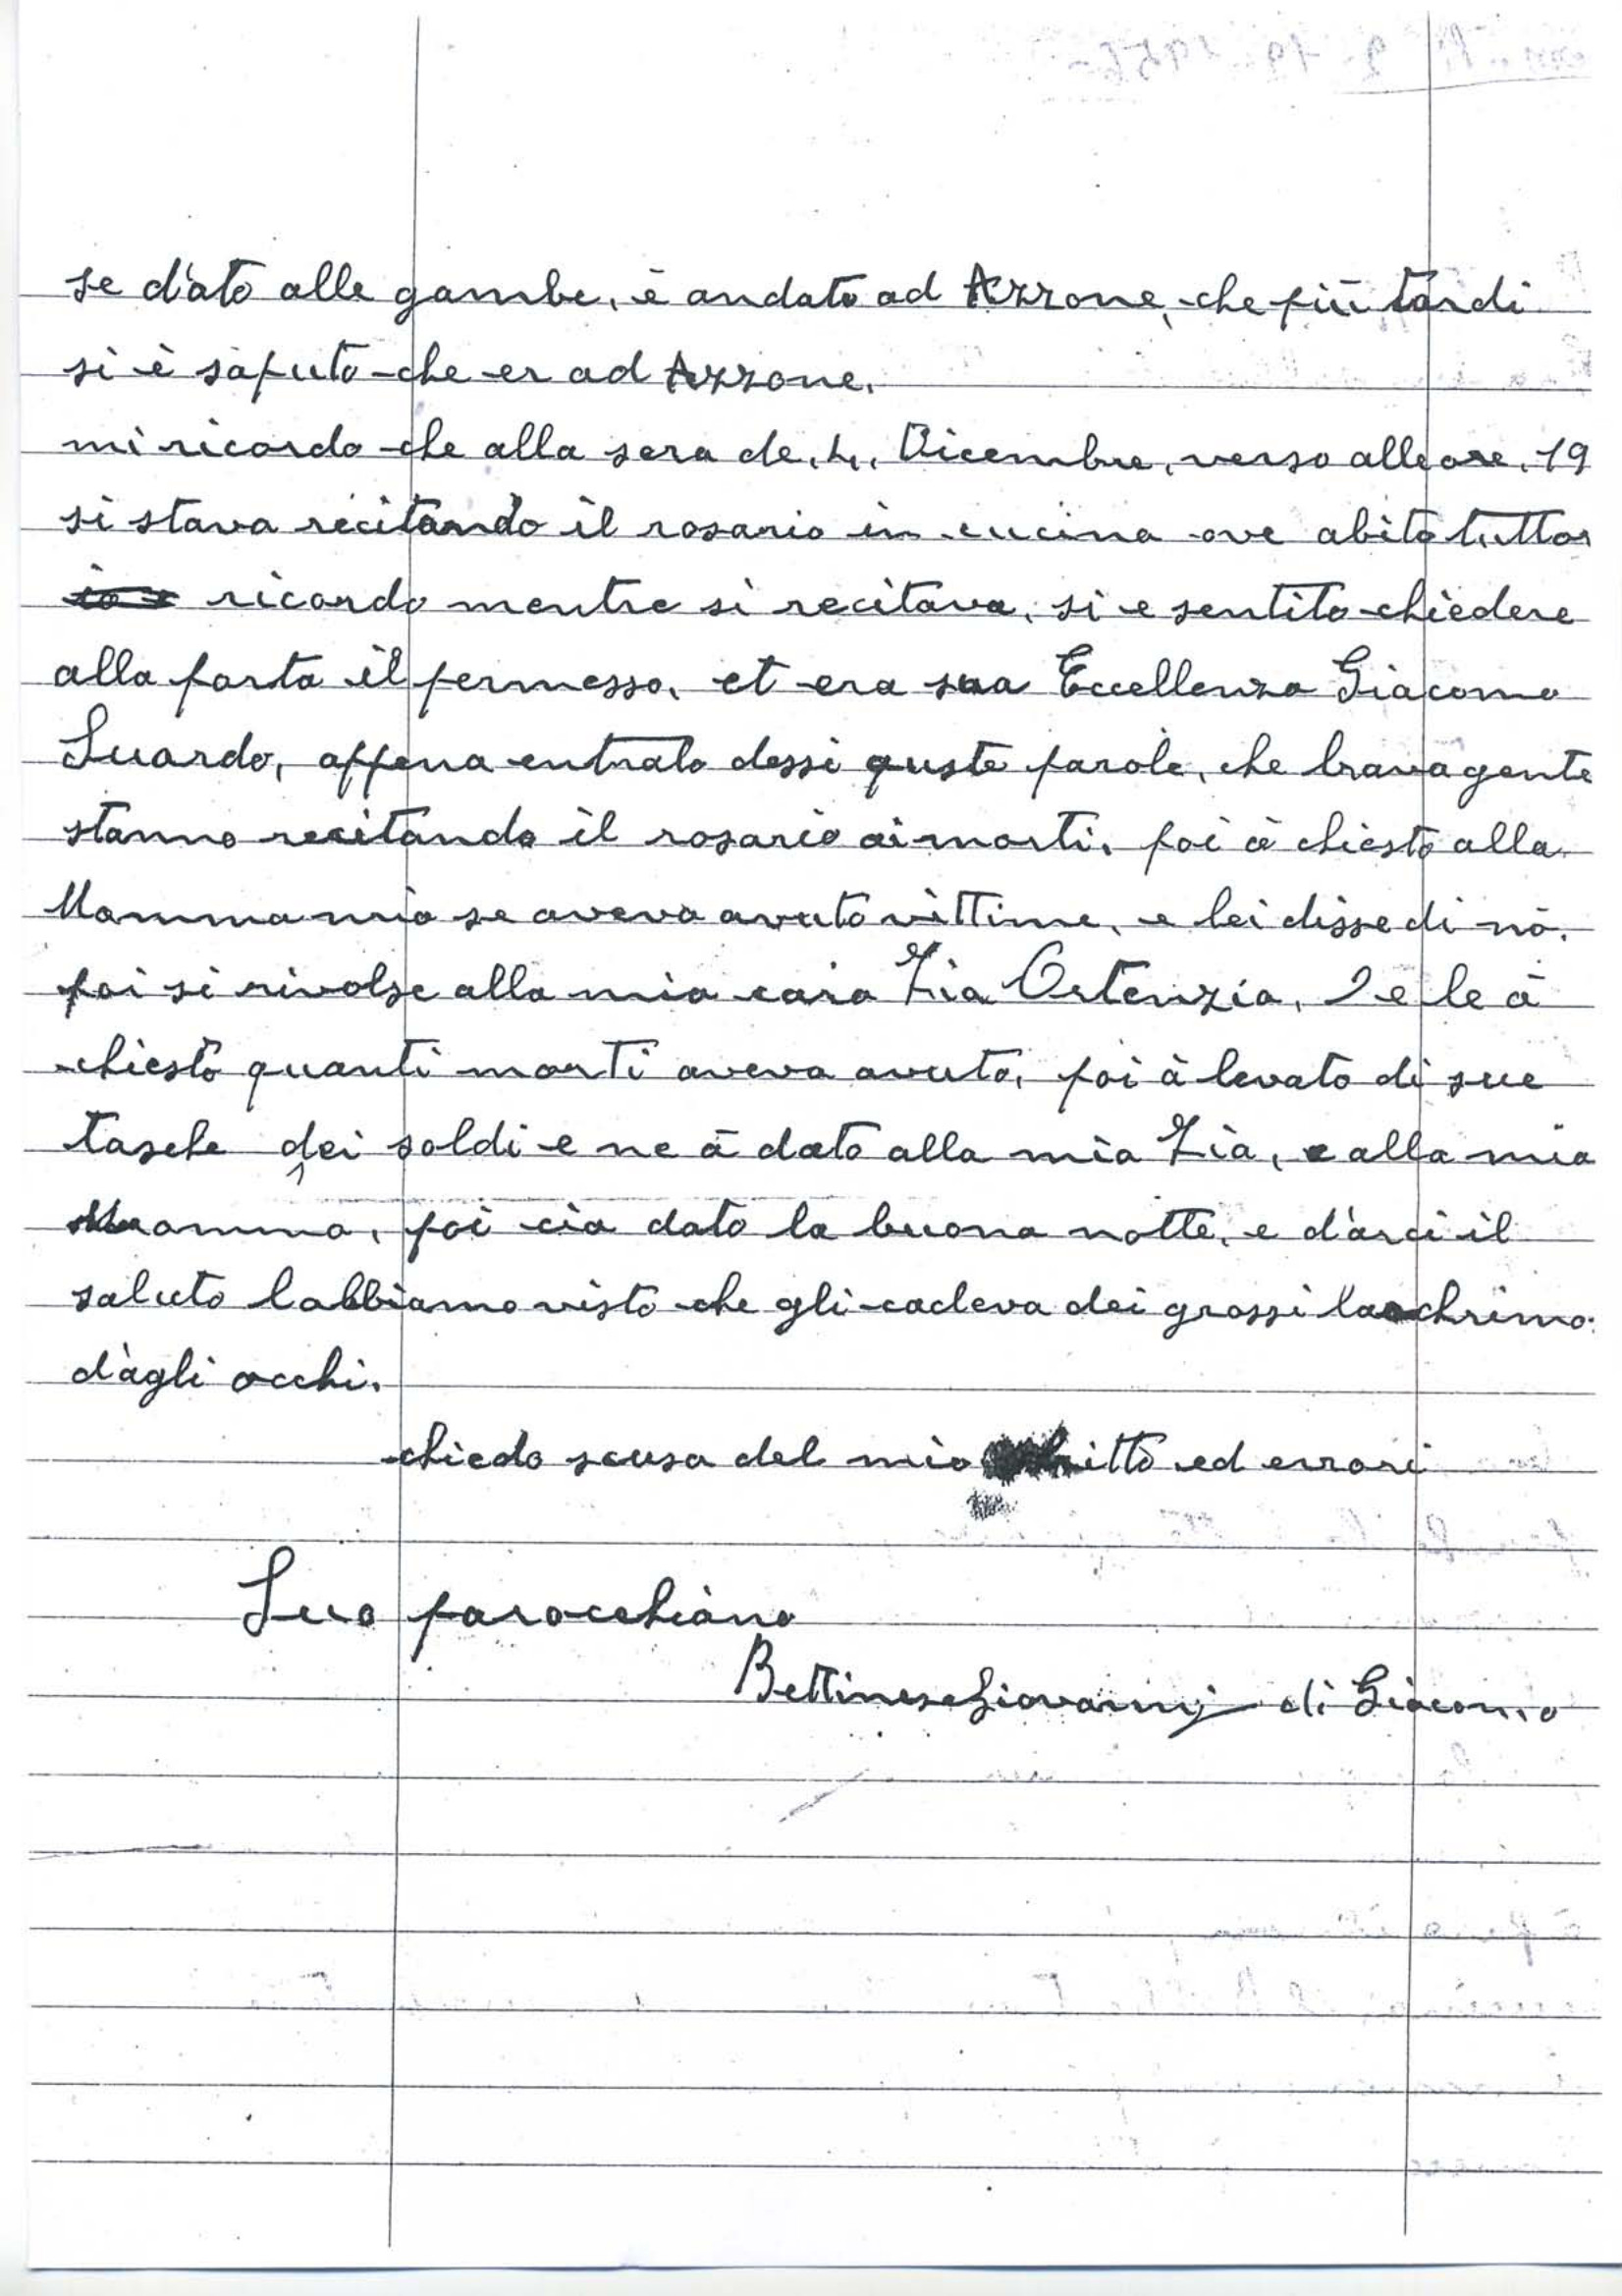 Lettera di Bettineschi Giovanni_02